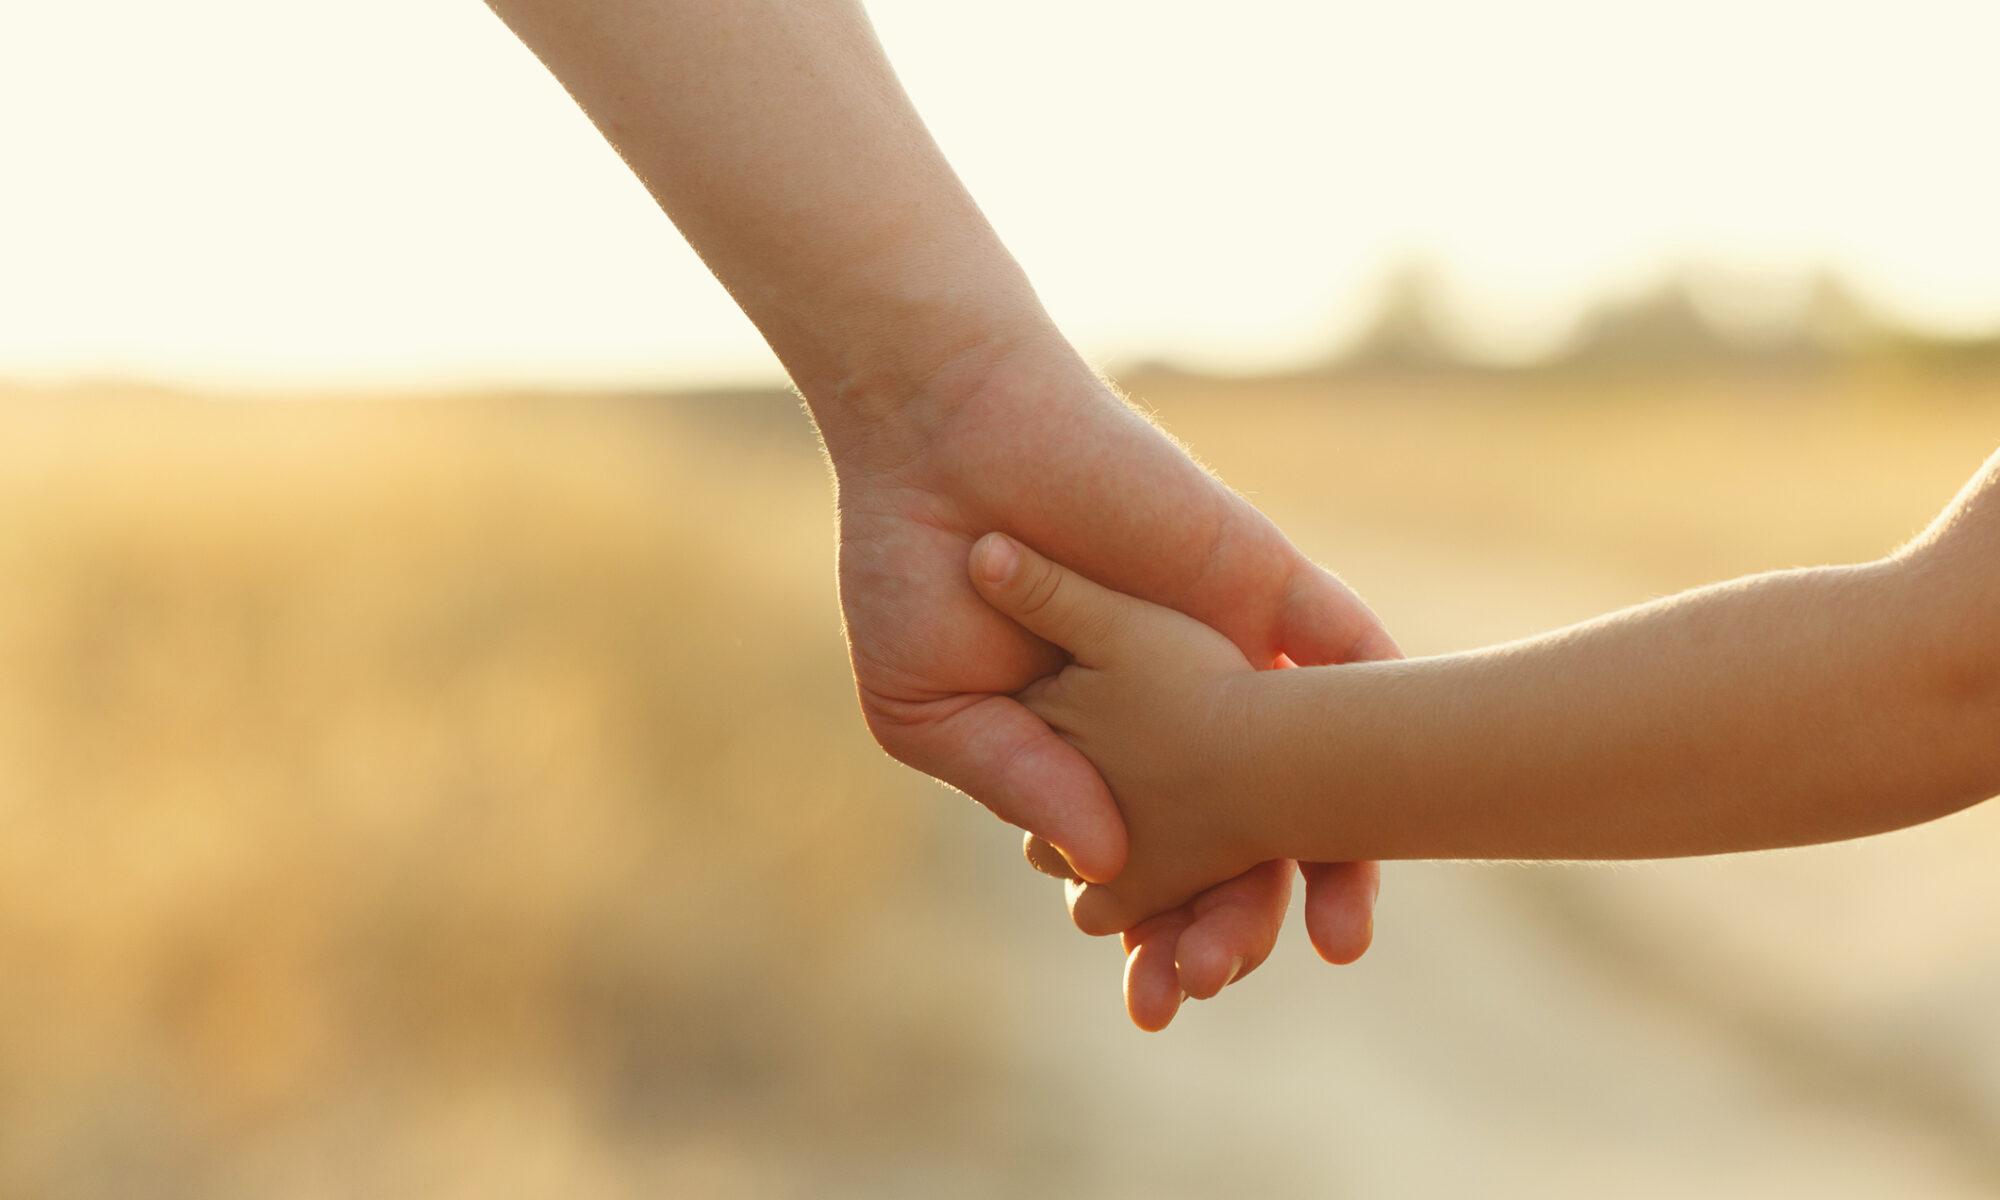 Erwachsenen Hand hält Kinderhand